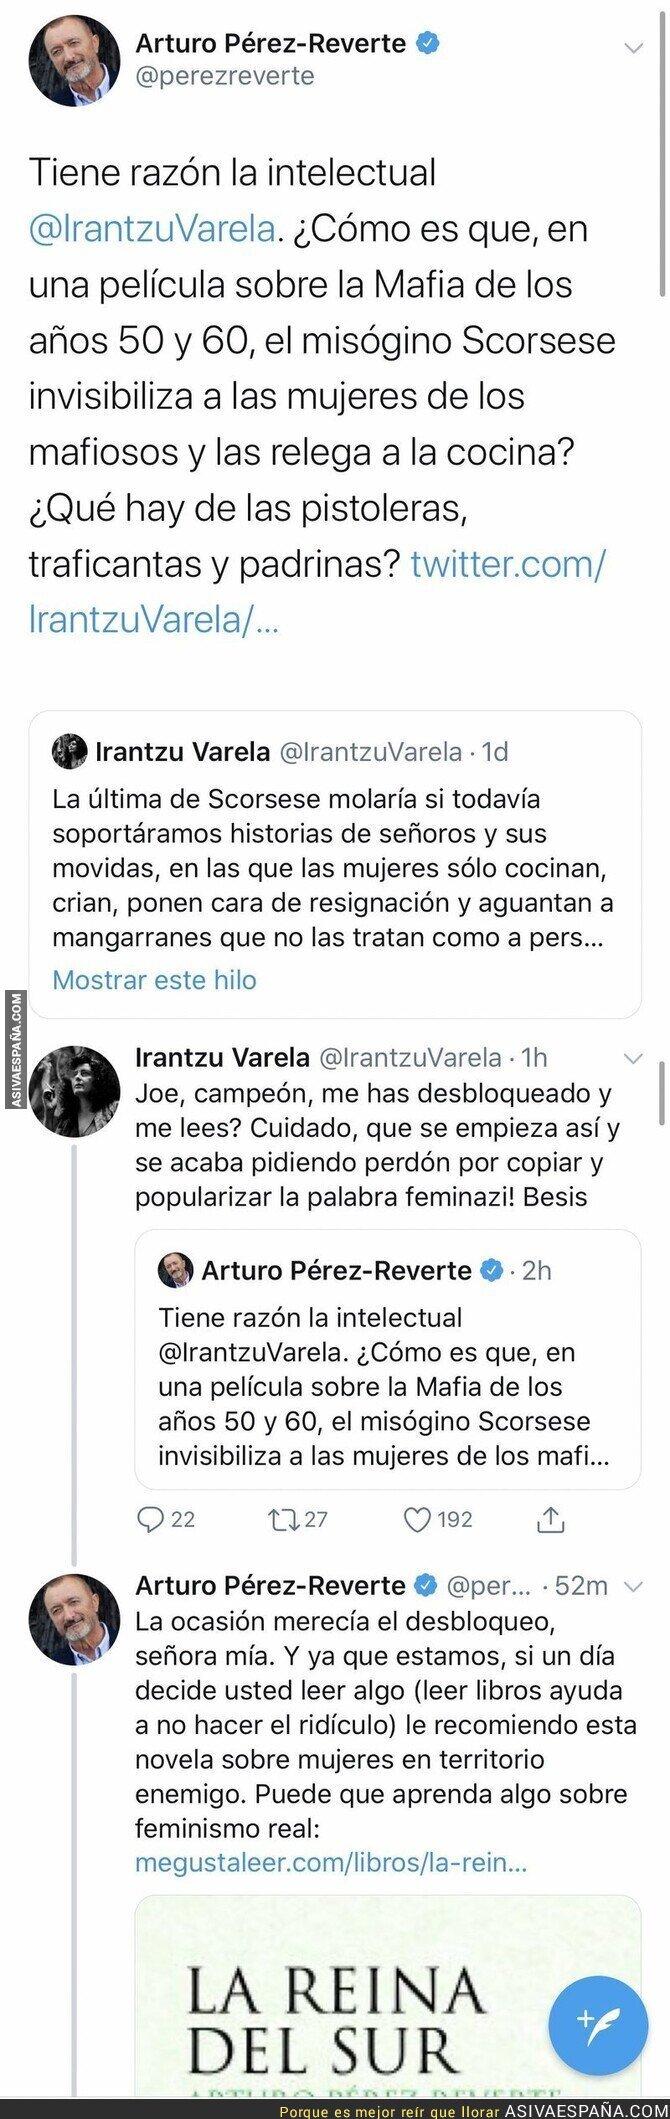 129008 - Arturo Pérez-Reverte repartiendo ZASCAS sin parar cuando le hablan de feminismo a raíz de la última película de Scorsese